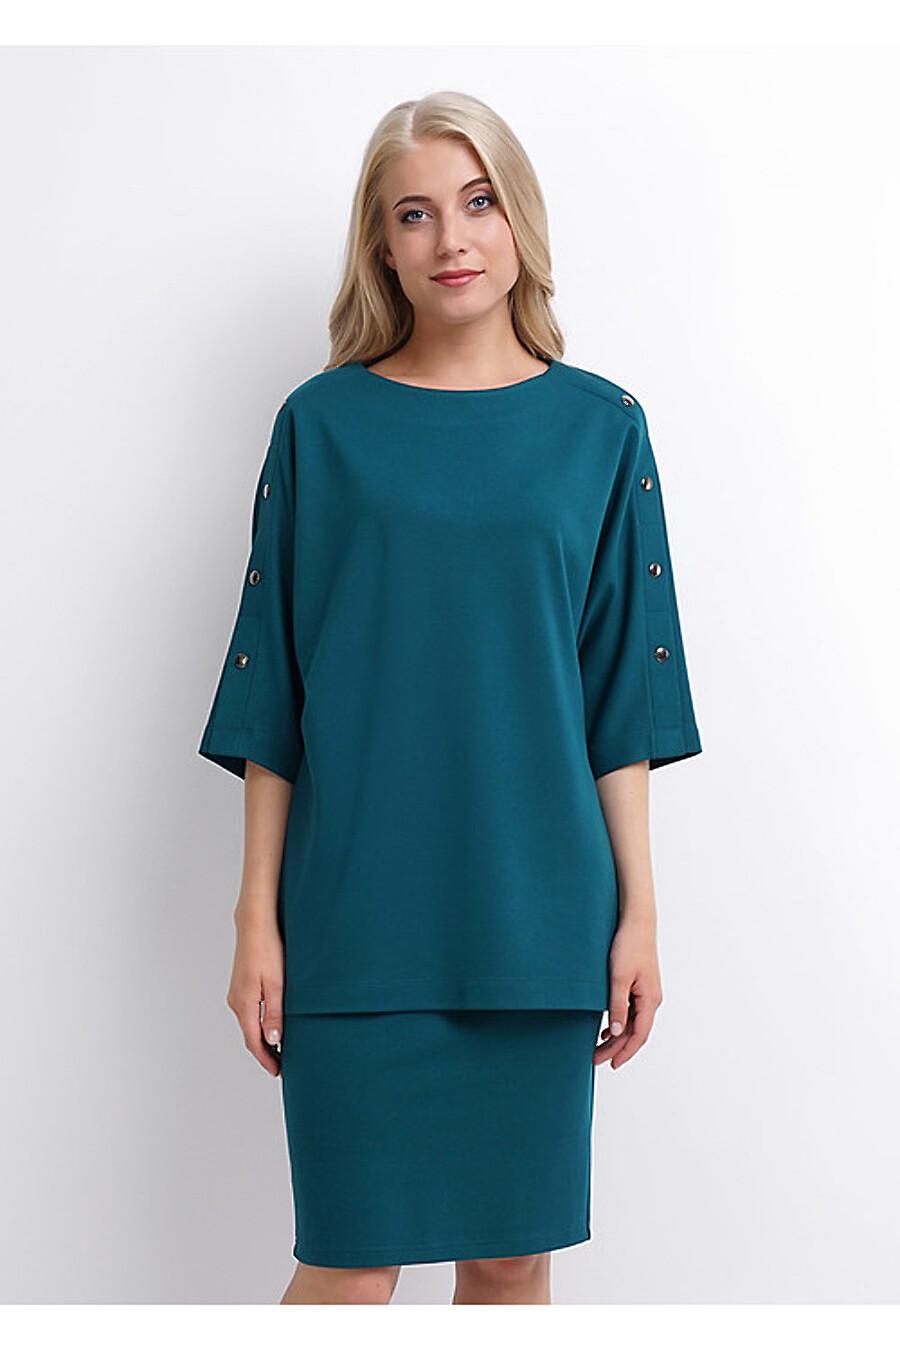 Джемпер для женщин CLEVER 159038 купить оптом от производителя. Совместная покупка женской одежды в OptMoyo